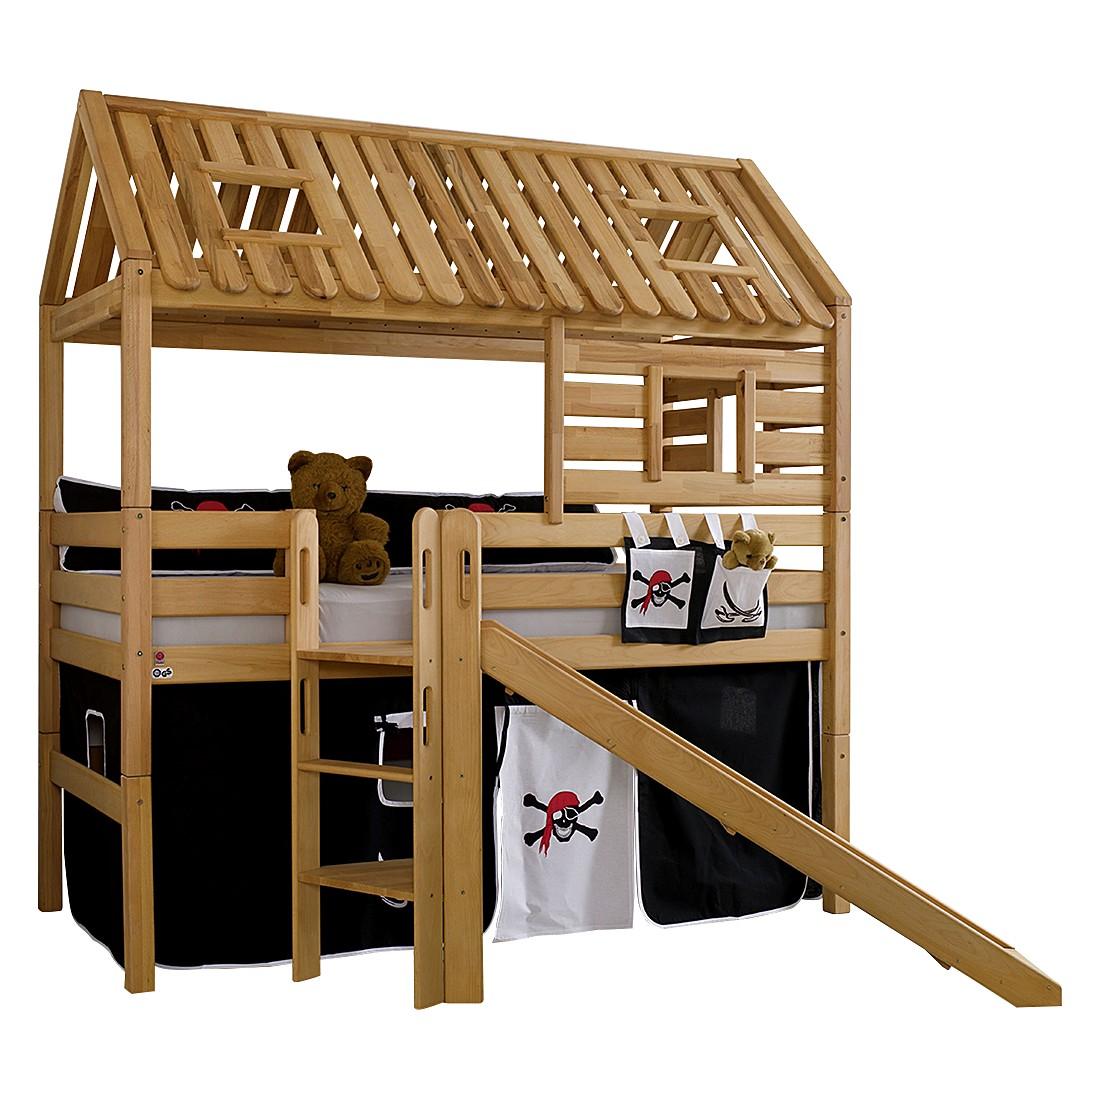 Spielbett Tom´s Hütte (mit Rutsche) - Buche massiv/Textil - Geölt/Pirat, Relita